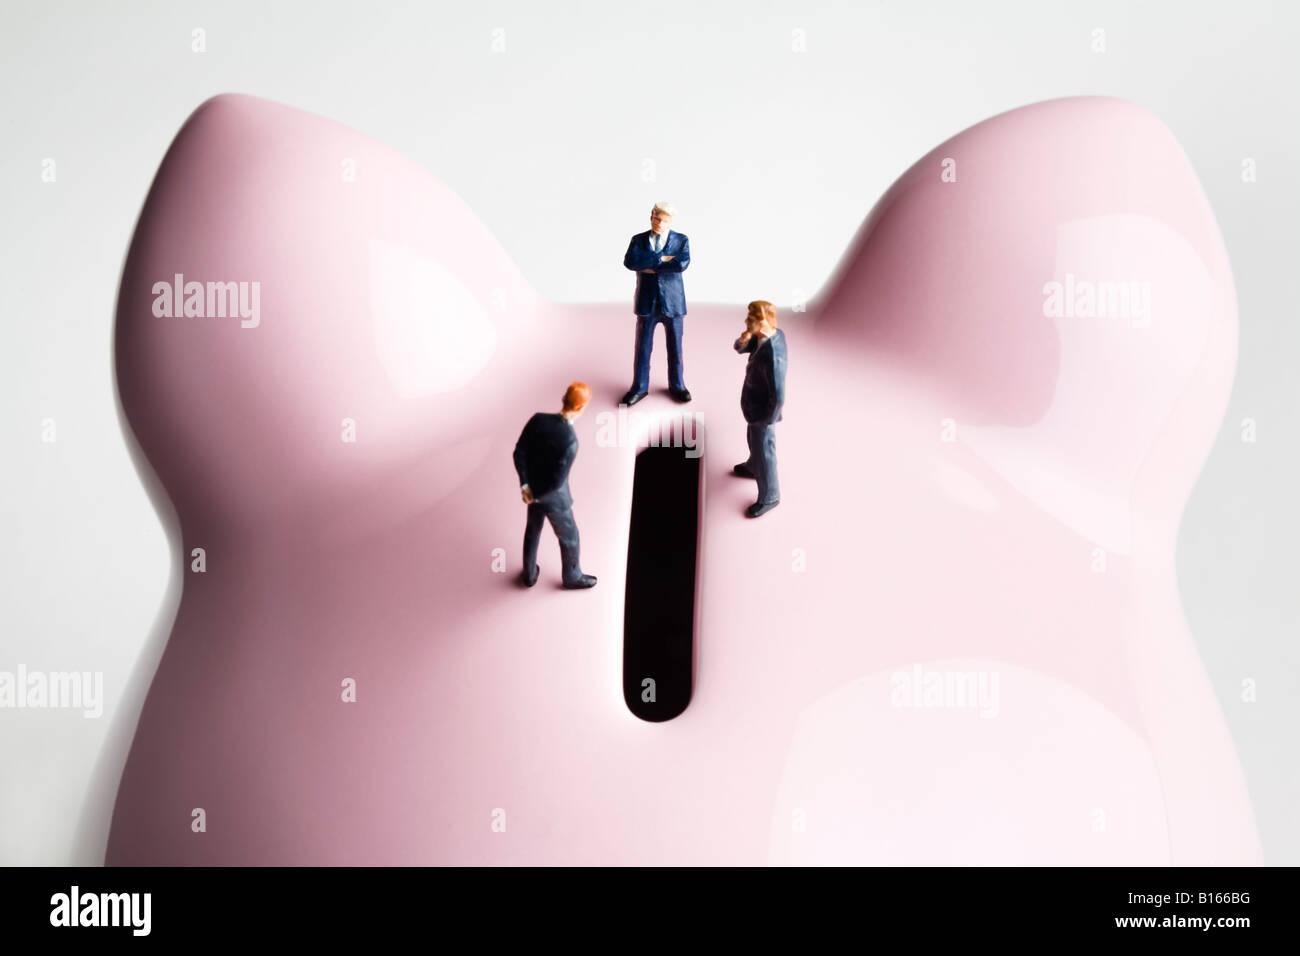 Empresario figurillas de pie en una alcancía Imagen De Stock